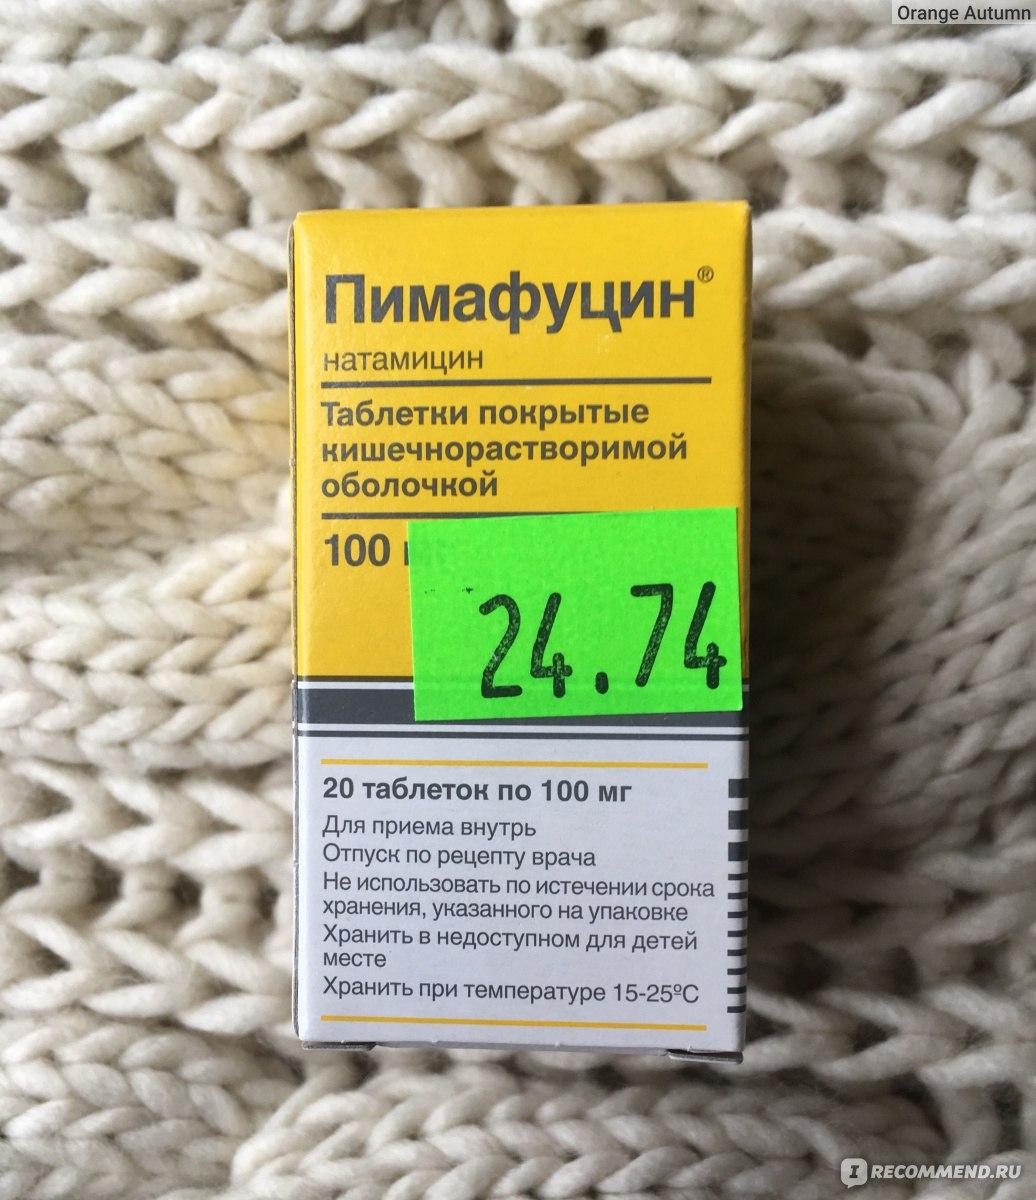 Отзывы врачей о пимафуцине